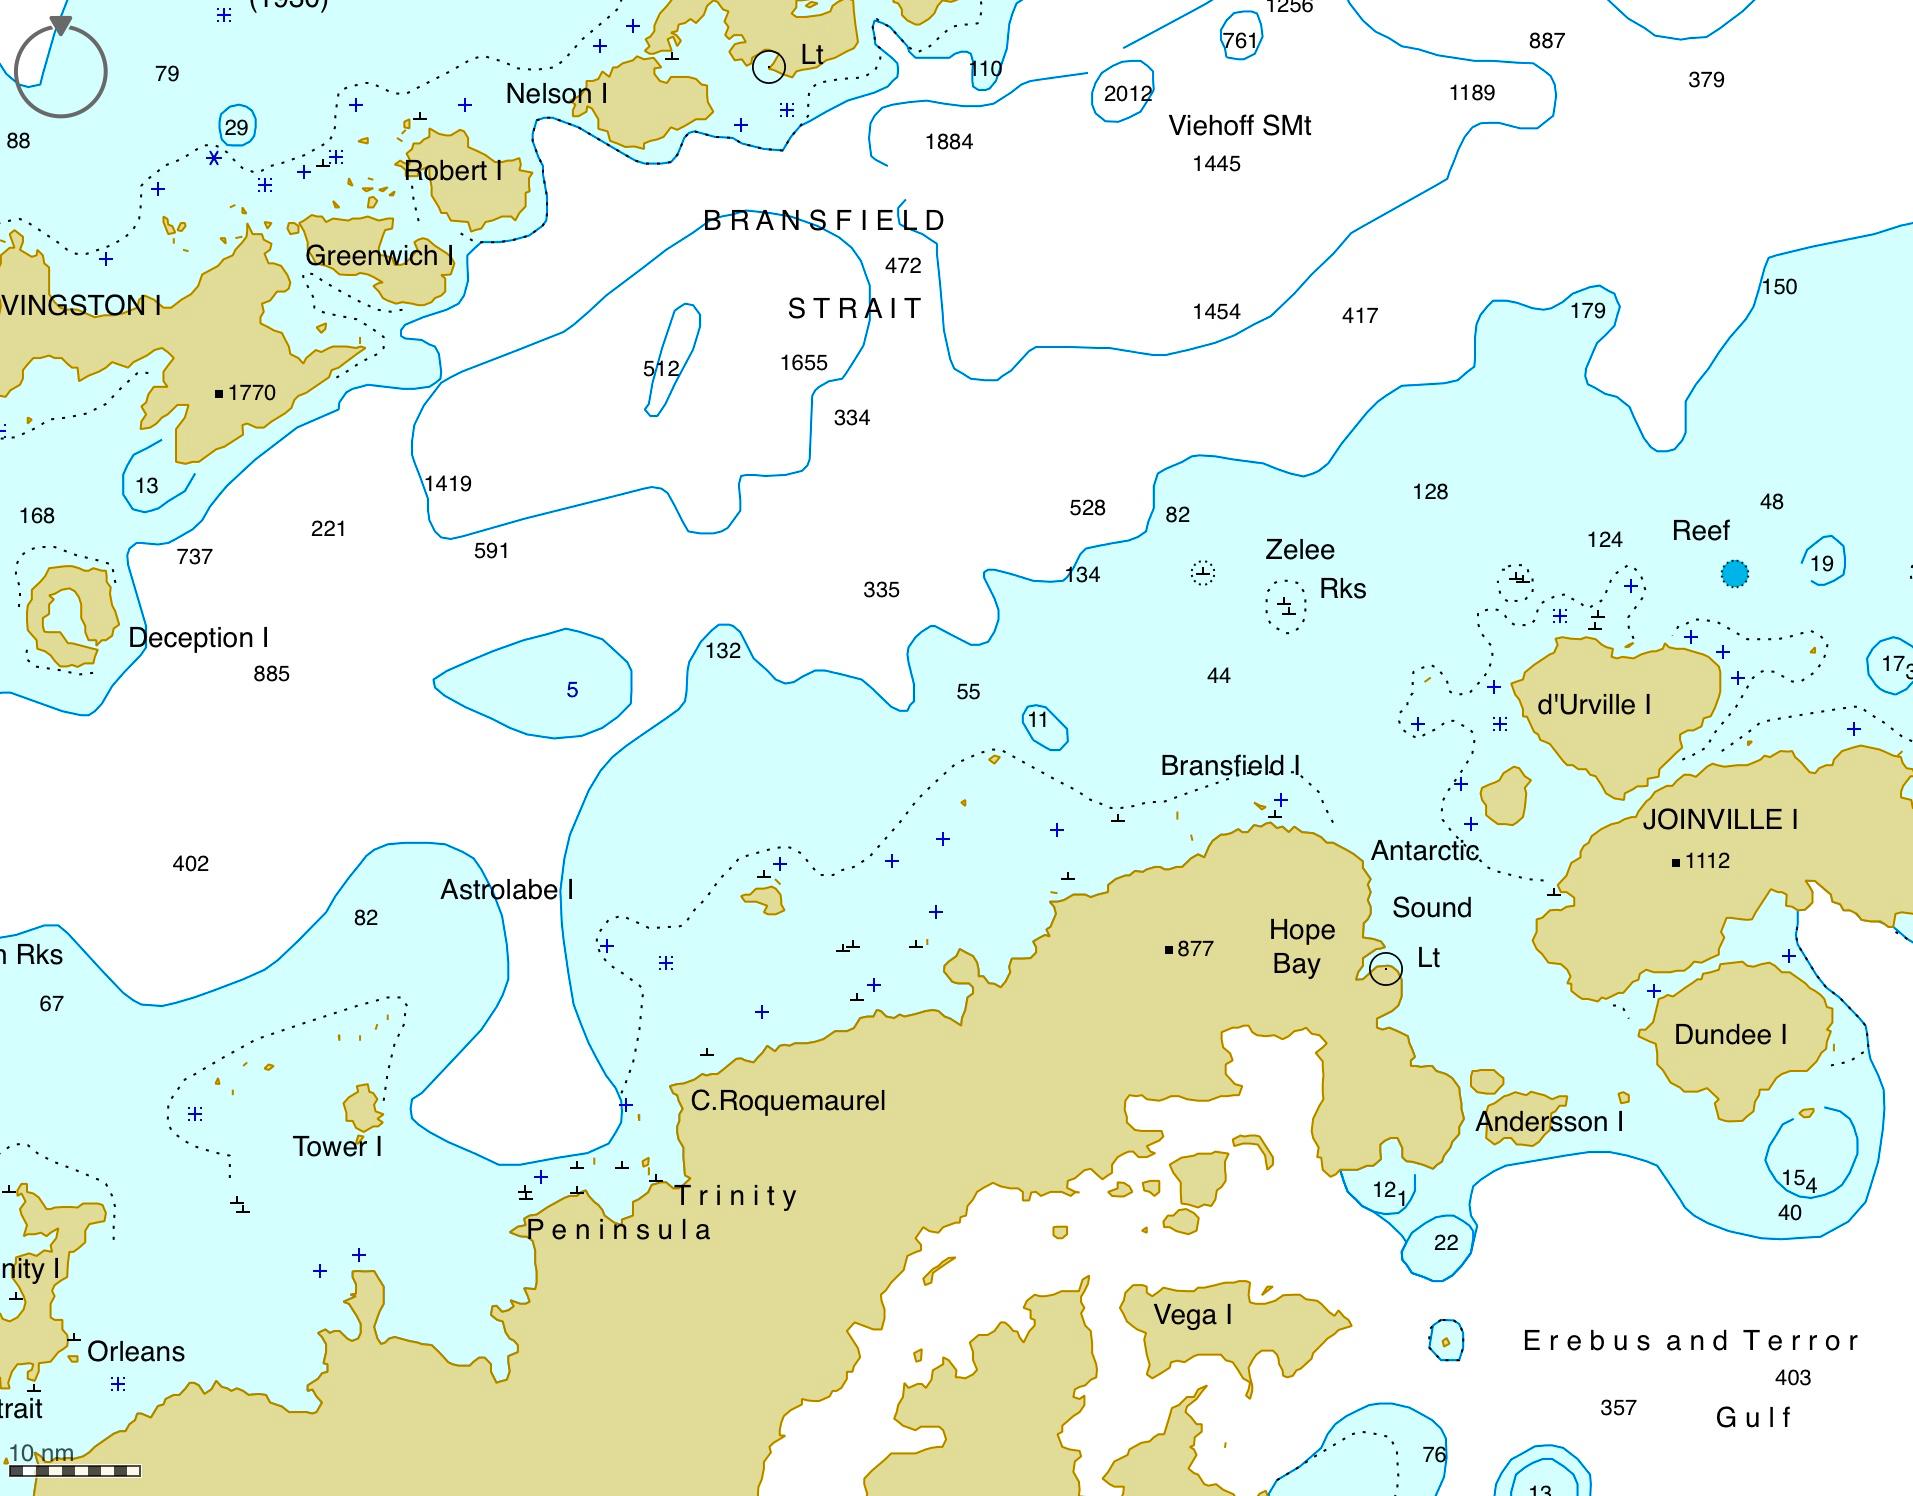 Bransfield strait chart